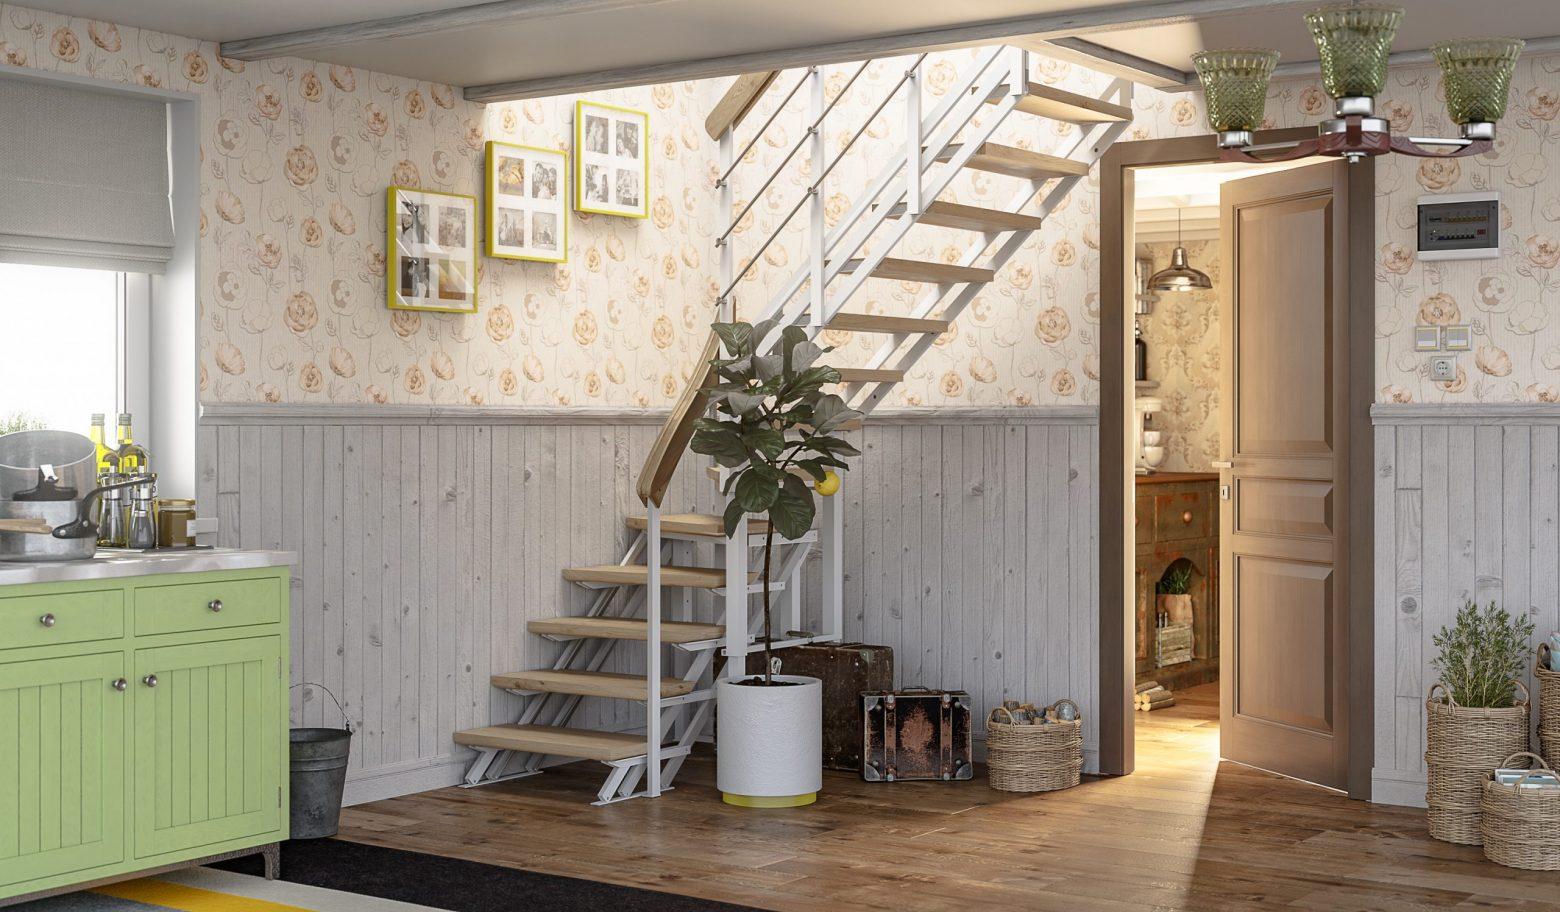 Лестницы_stairs_ZStep_Дачная_Lestnitsy_ZStep_Dachnaya